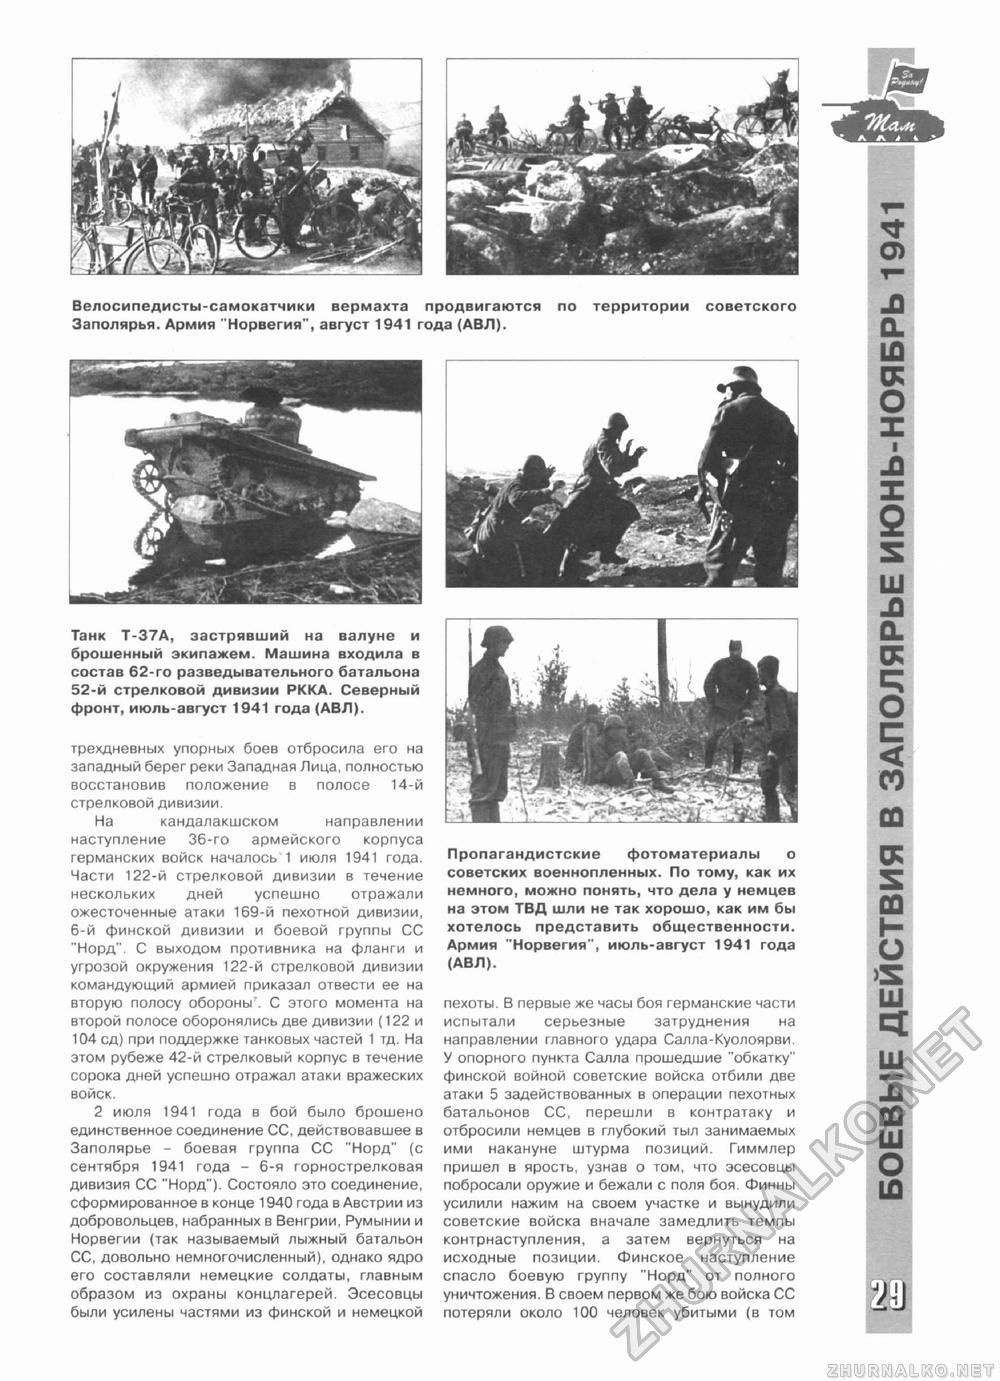 22 июня после прорыва на стыке 5-й генерала м и потапова и 6-й армий и н музыченко